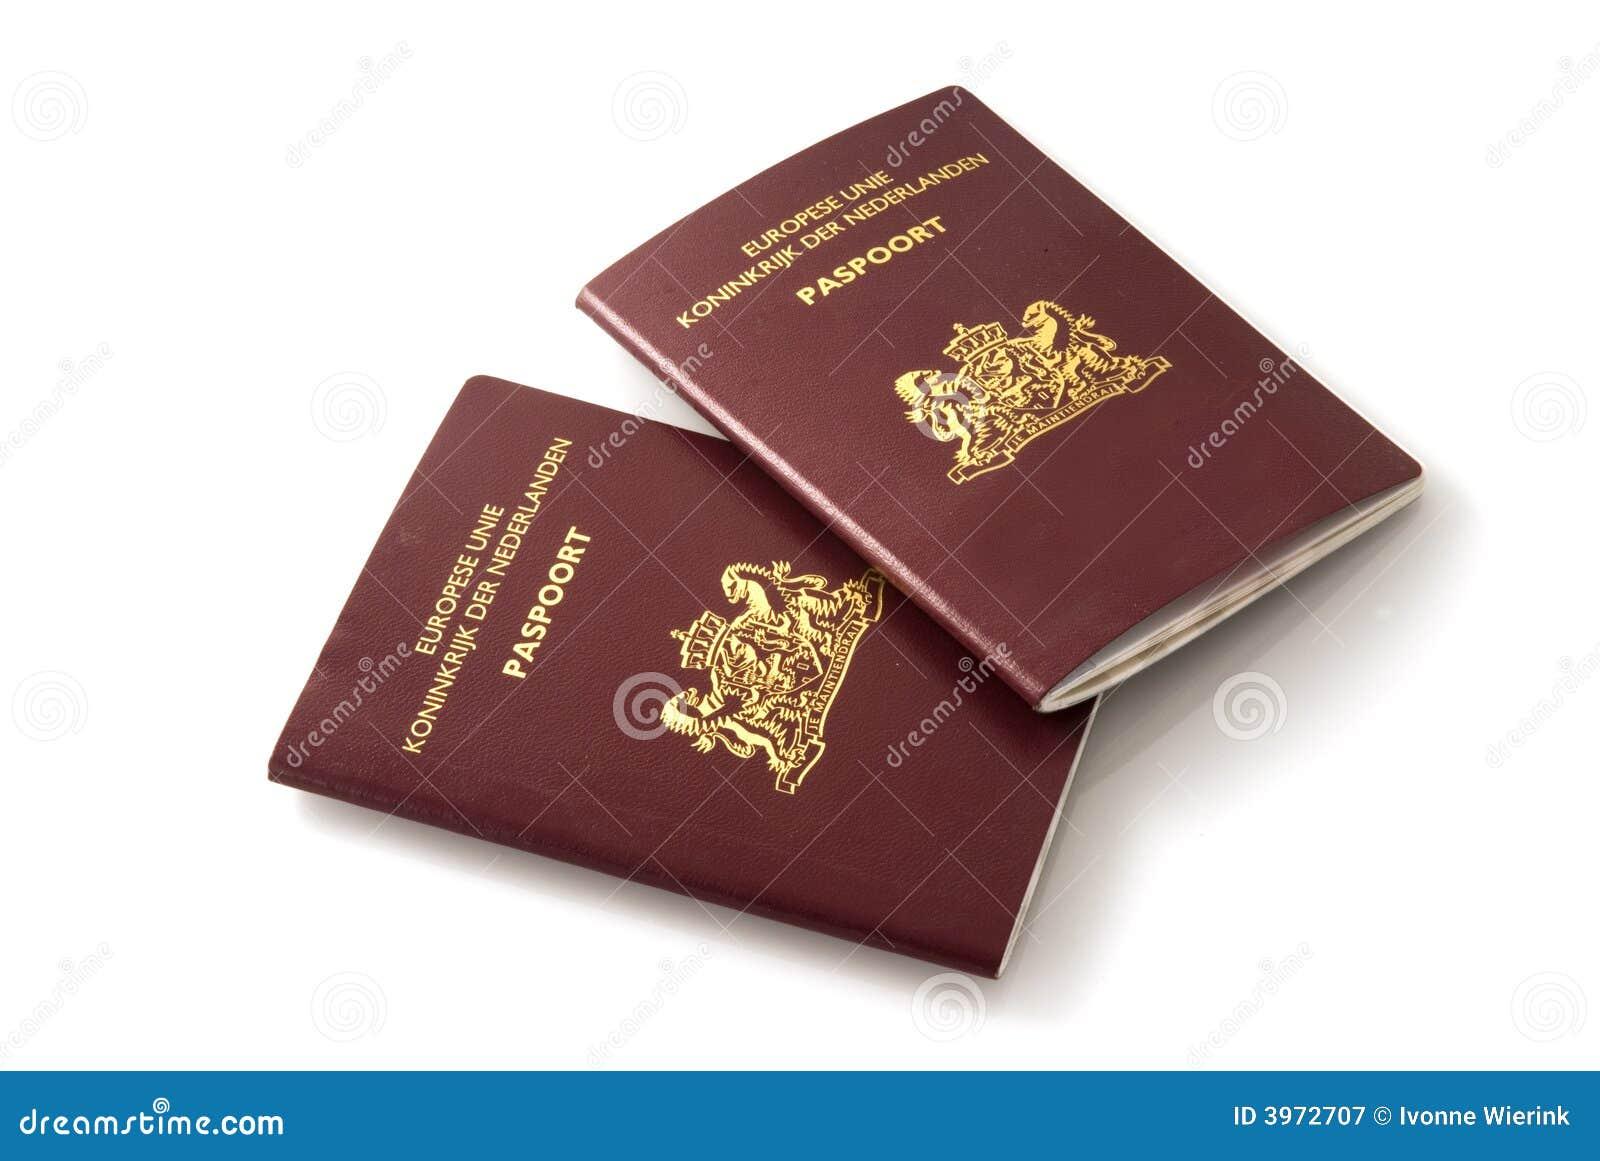 how to get a dutch passport